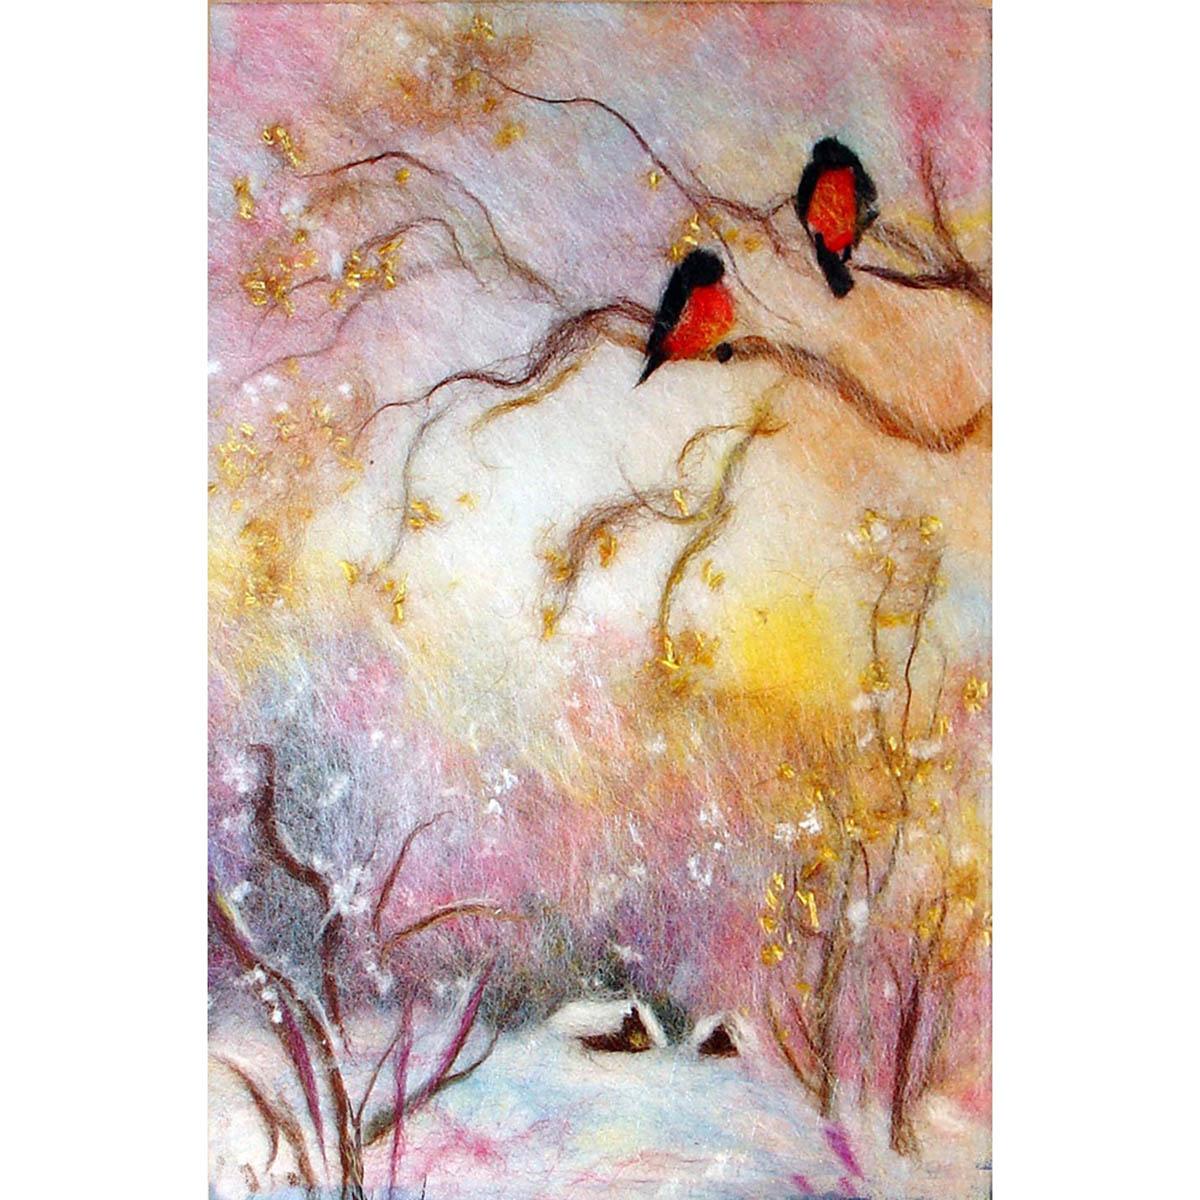 Набор для валяния (живопись цветной шерстью) 'Зимний пейзаж' 21x29,7см (А4)